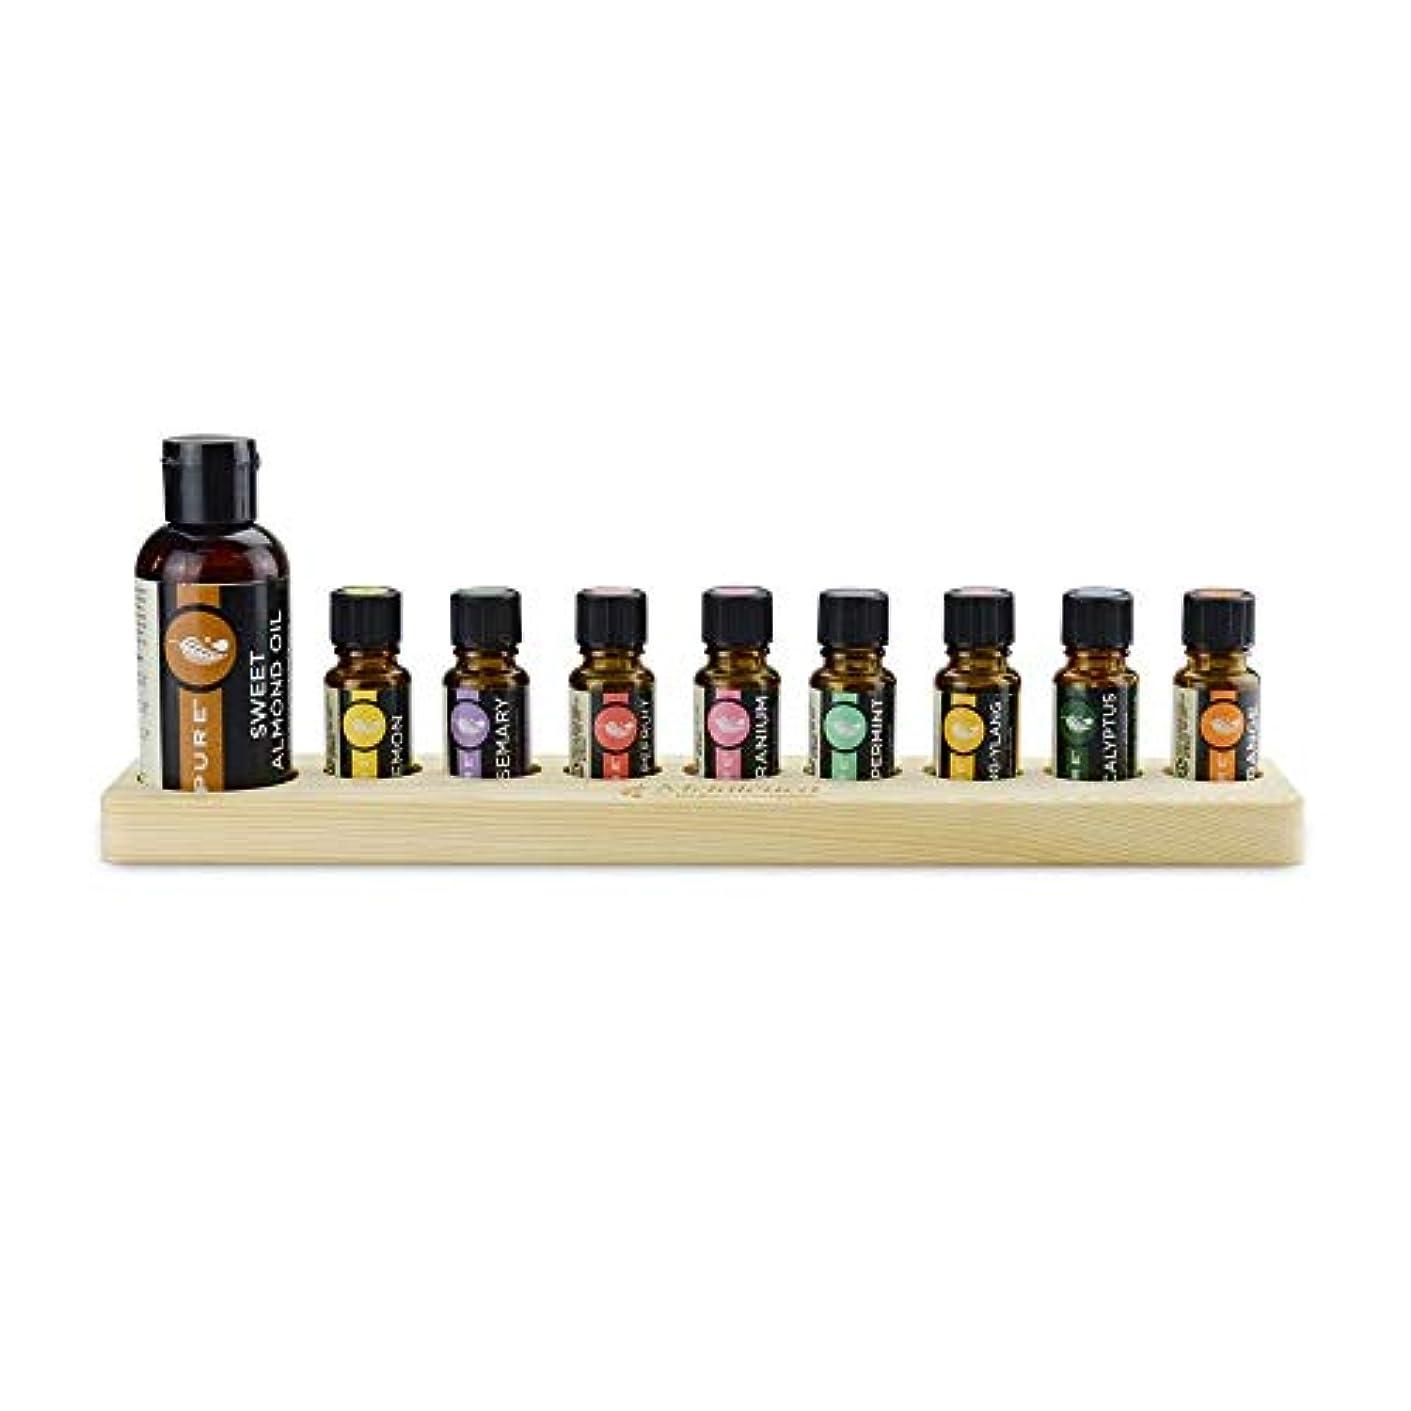 遺伝子脅迫挽くエッセンシャルオイルの保管 9スロット木製エッセンシャルオイルストレージホルダーは、9つの15ミリリットル油のボトルを保持します (色 : Natural, サイズ : Free size)